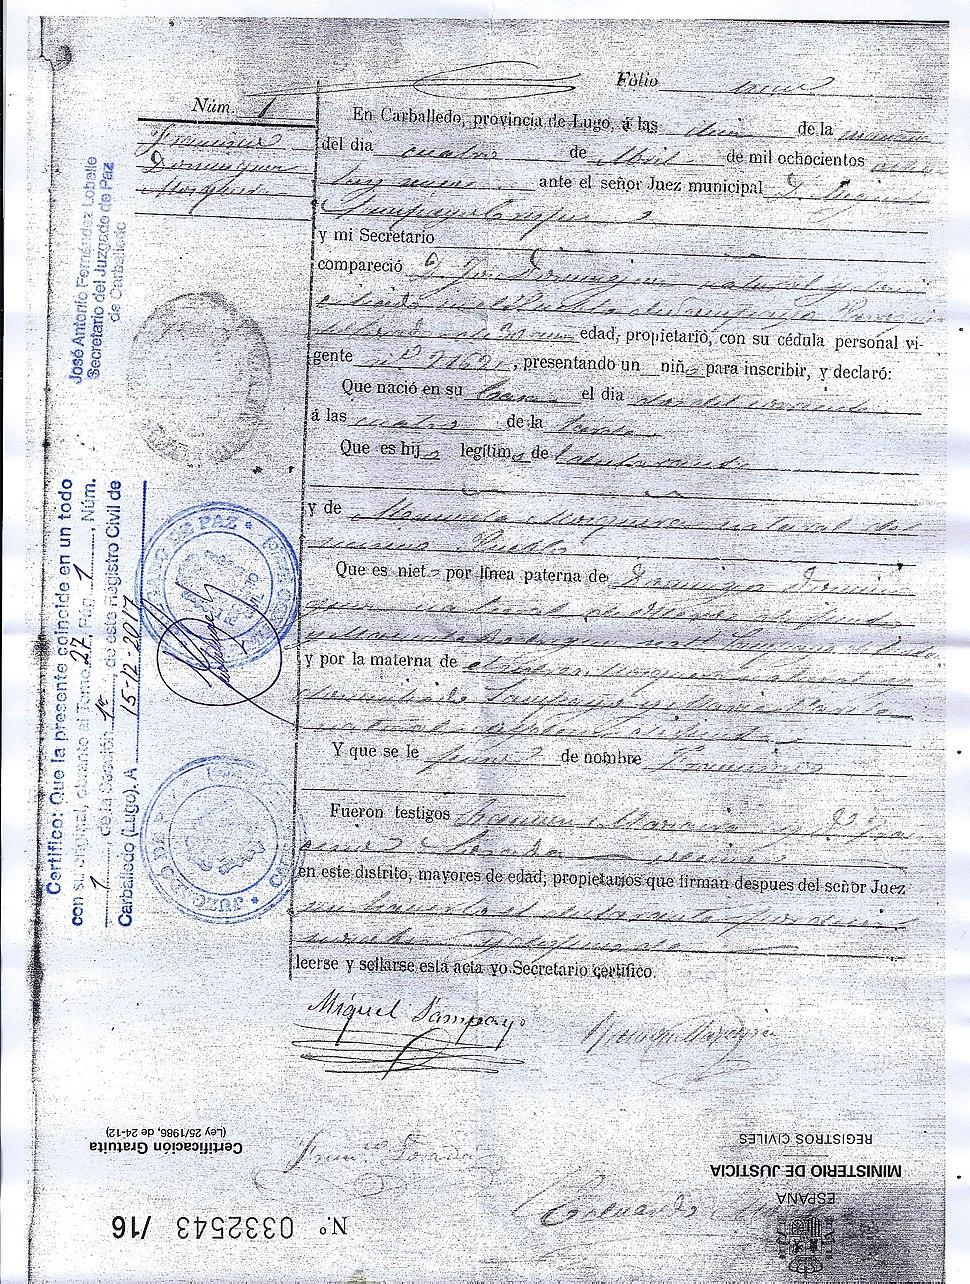 Certificado de nacemento.